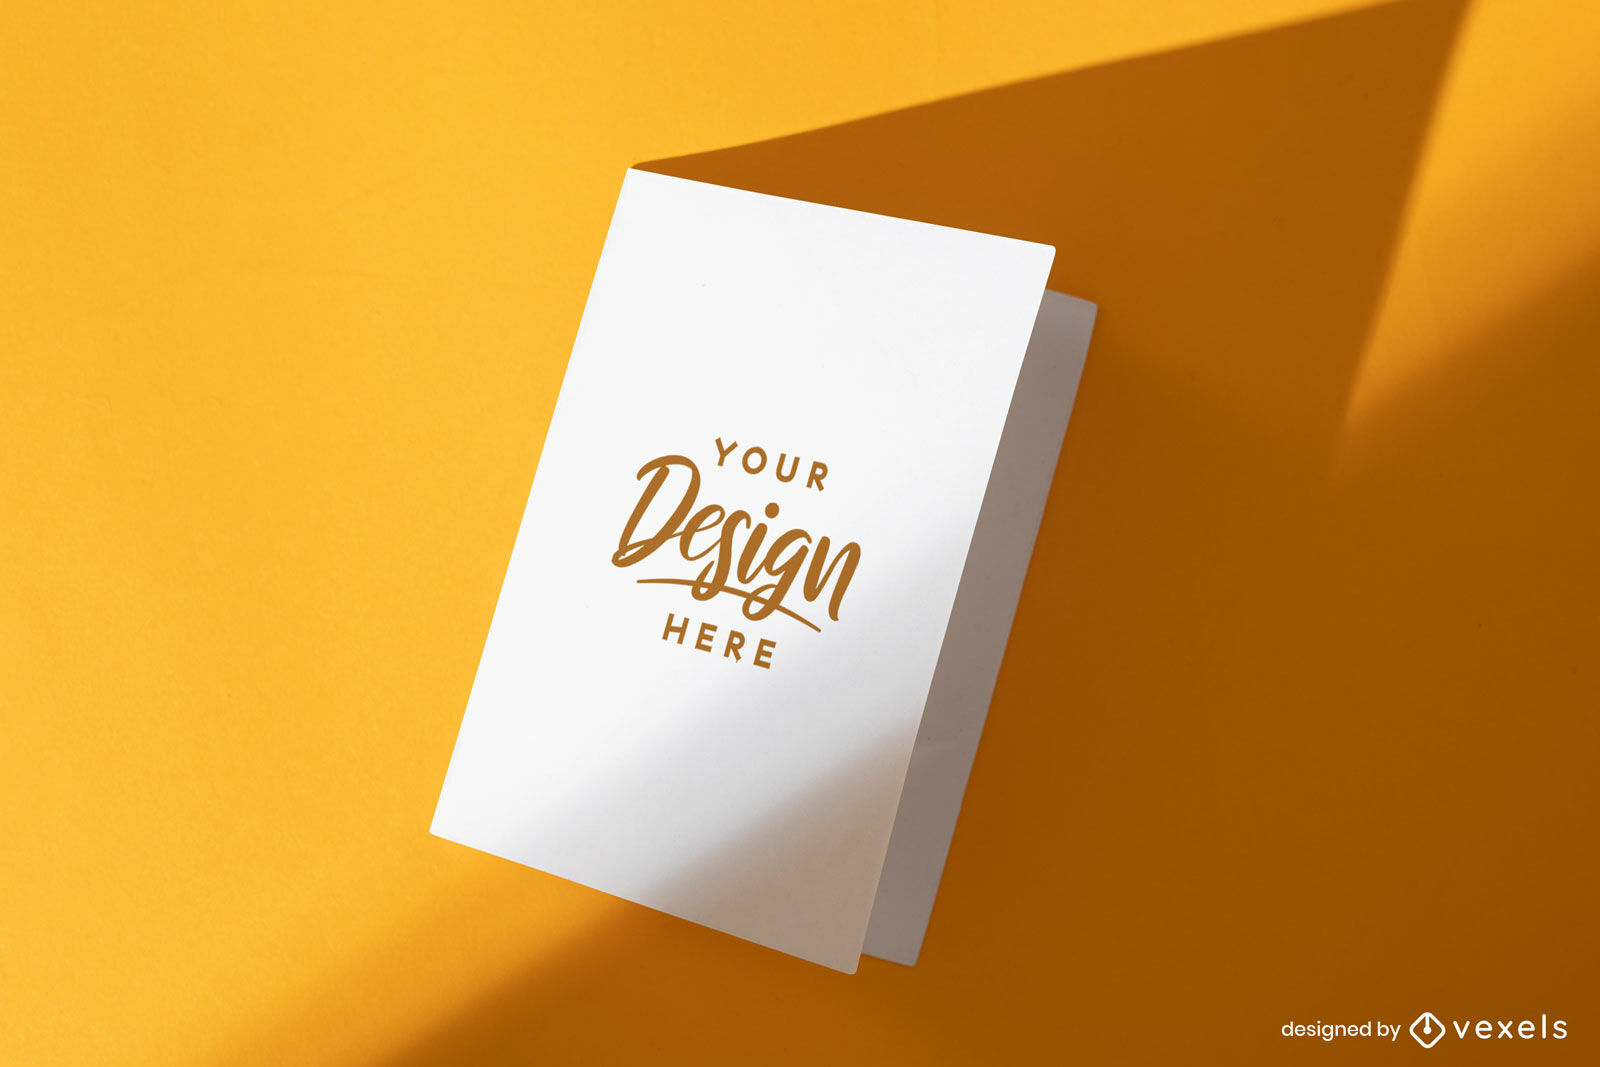 Tarjeta de felicitaci?n blanca en maqueta de fondo naranja